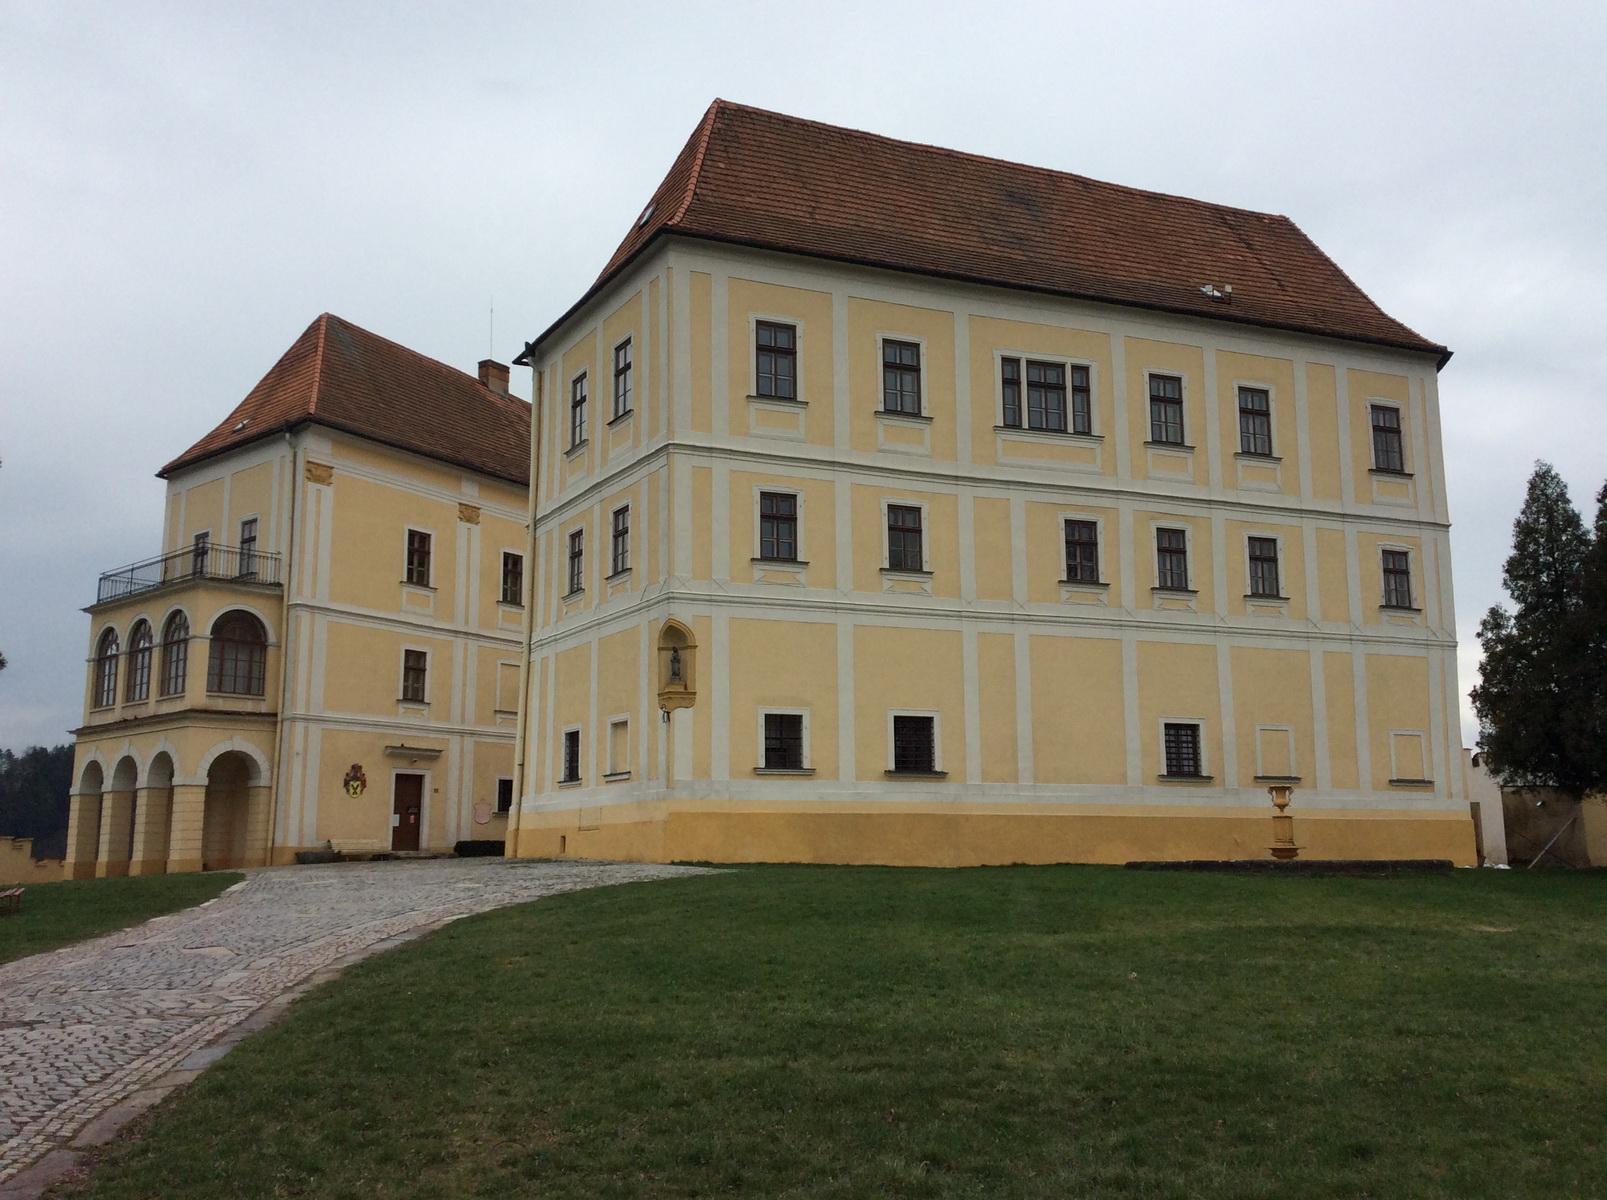 Rekonstrukce zámku Letovice trvá již od roku 2004